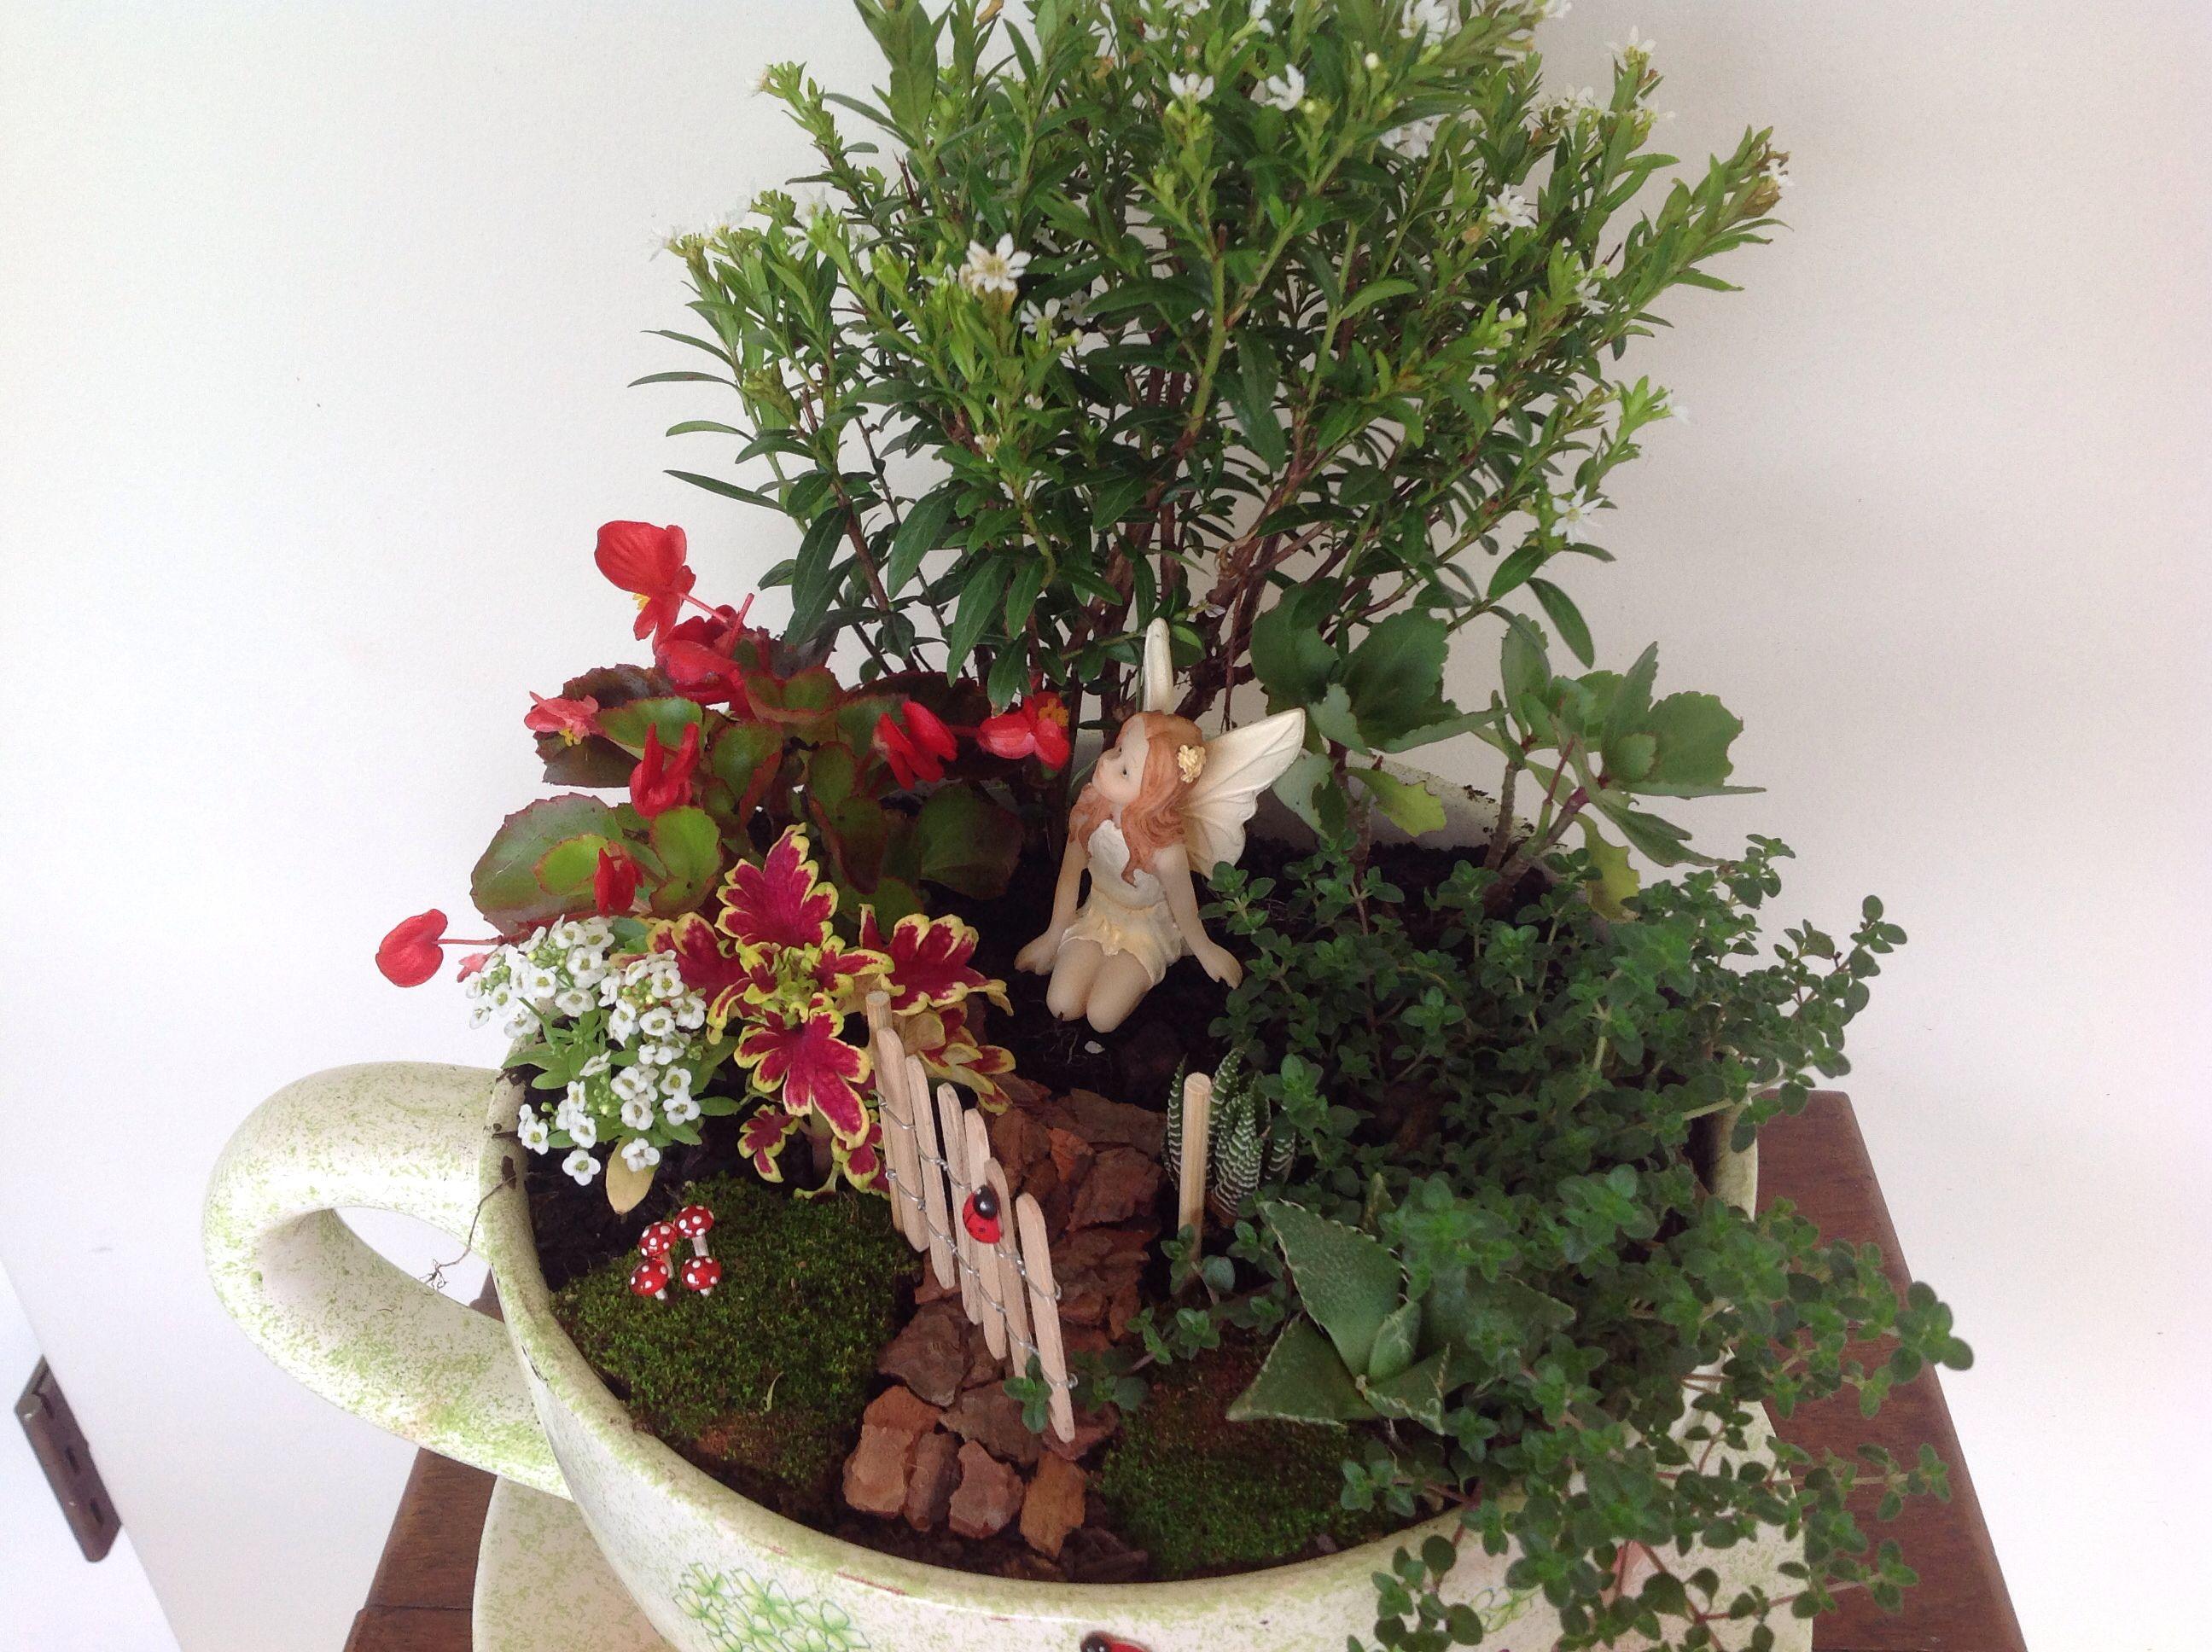 Fairy Garden In A Giant Teacup Planter Garden Idea